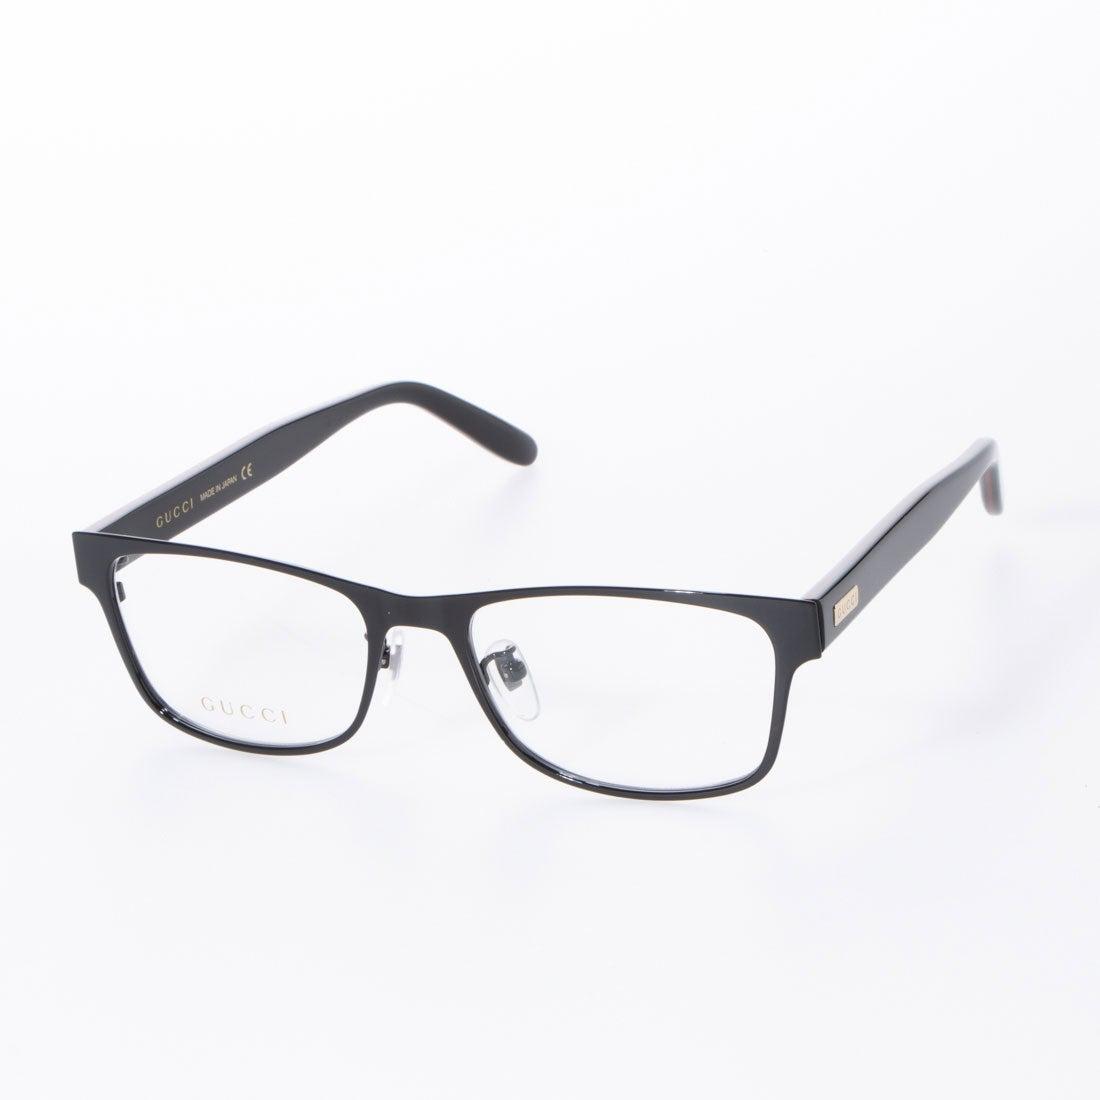 グッチ GUCCI メガネ 眼鏡 アイウェア レディース メンズ (ブラック)